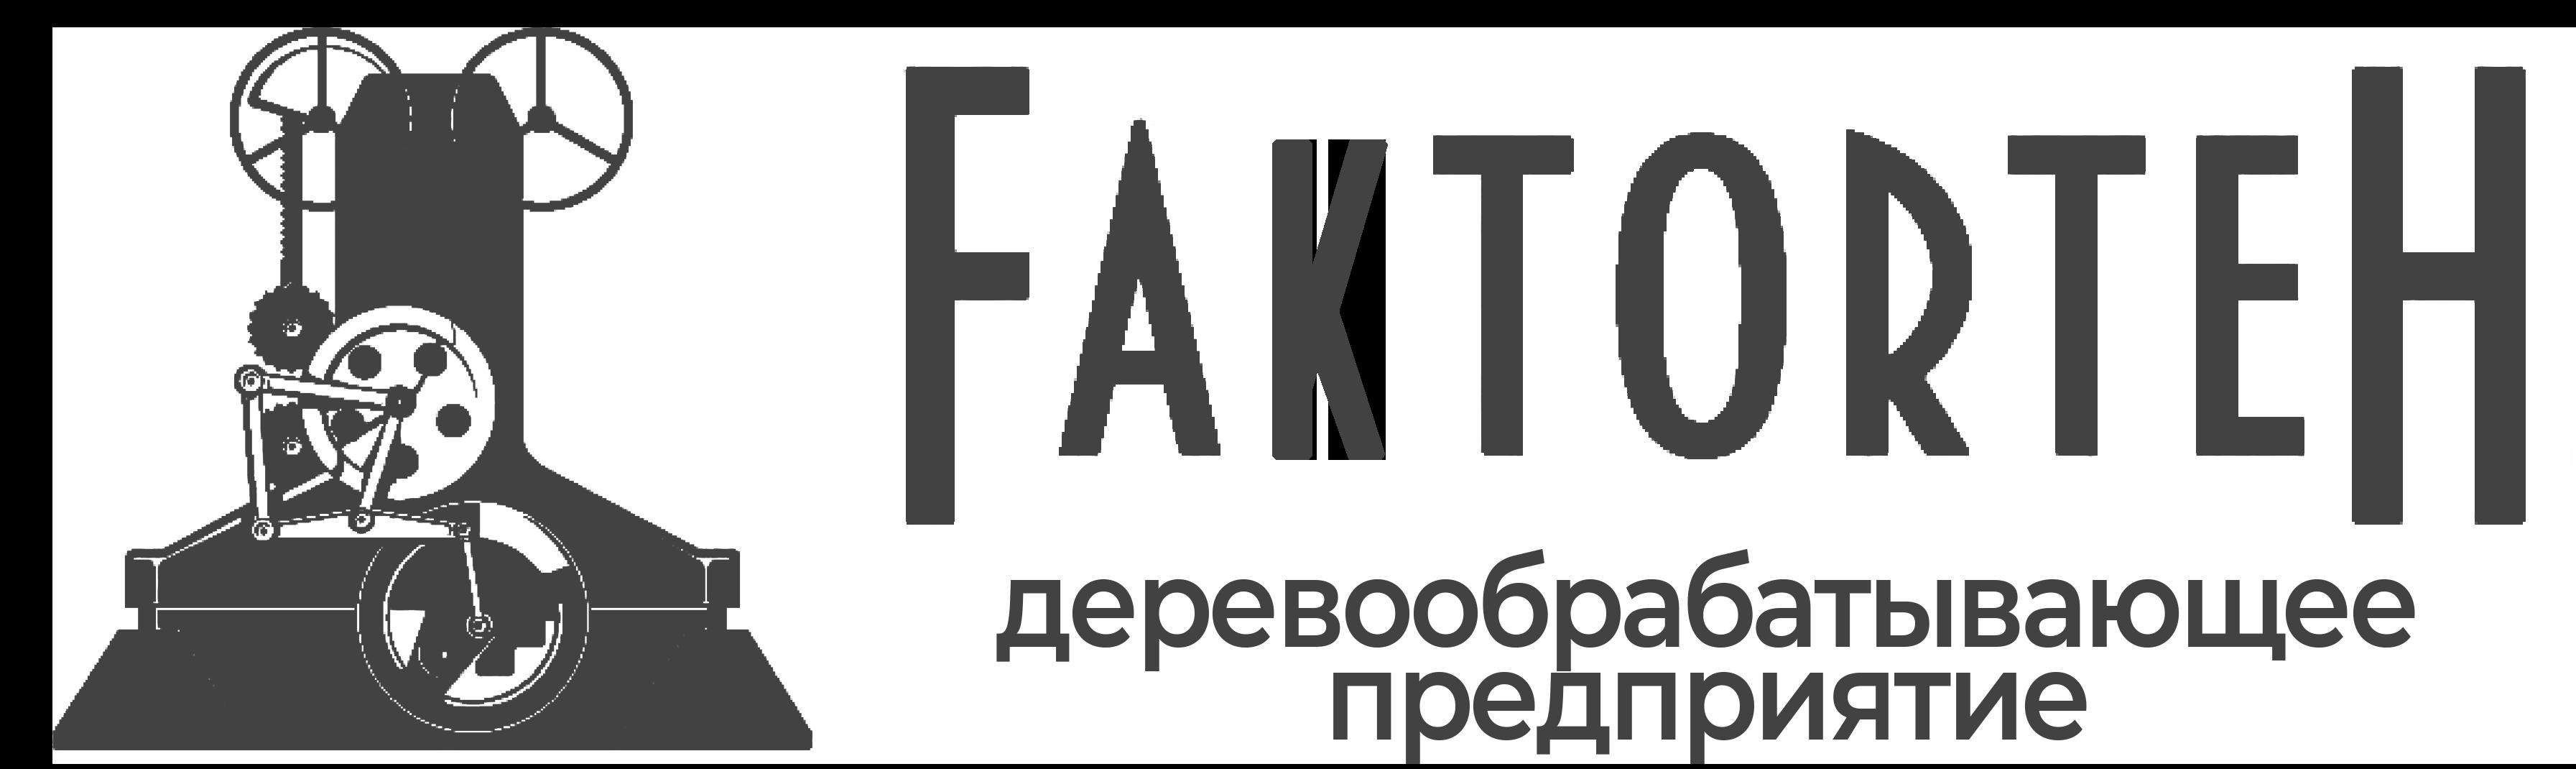 Производство мебели из массива ФакторТех